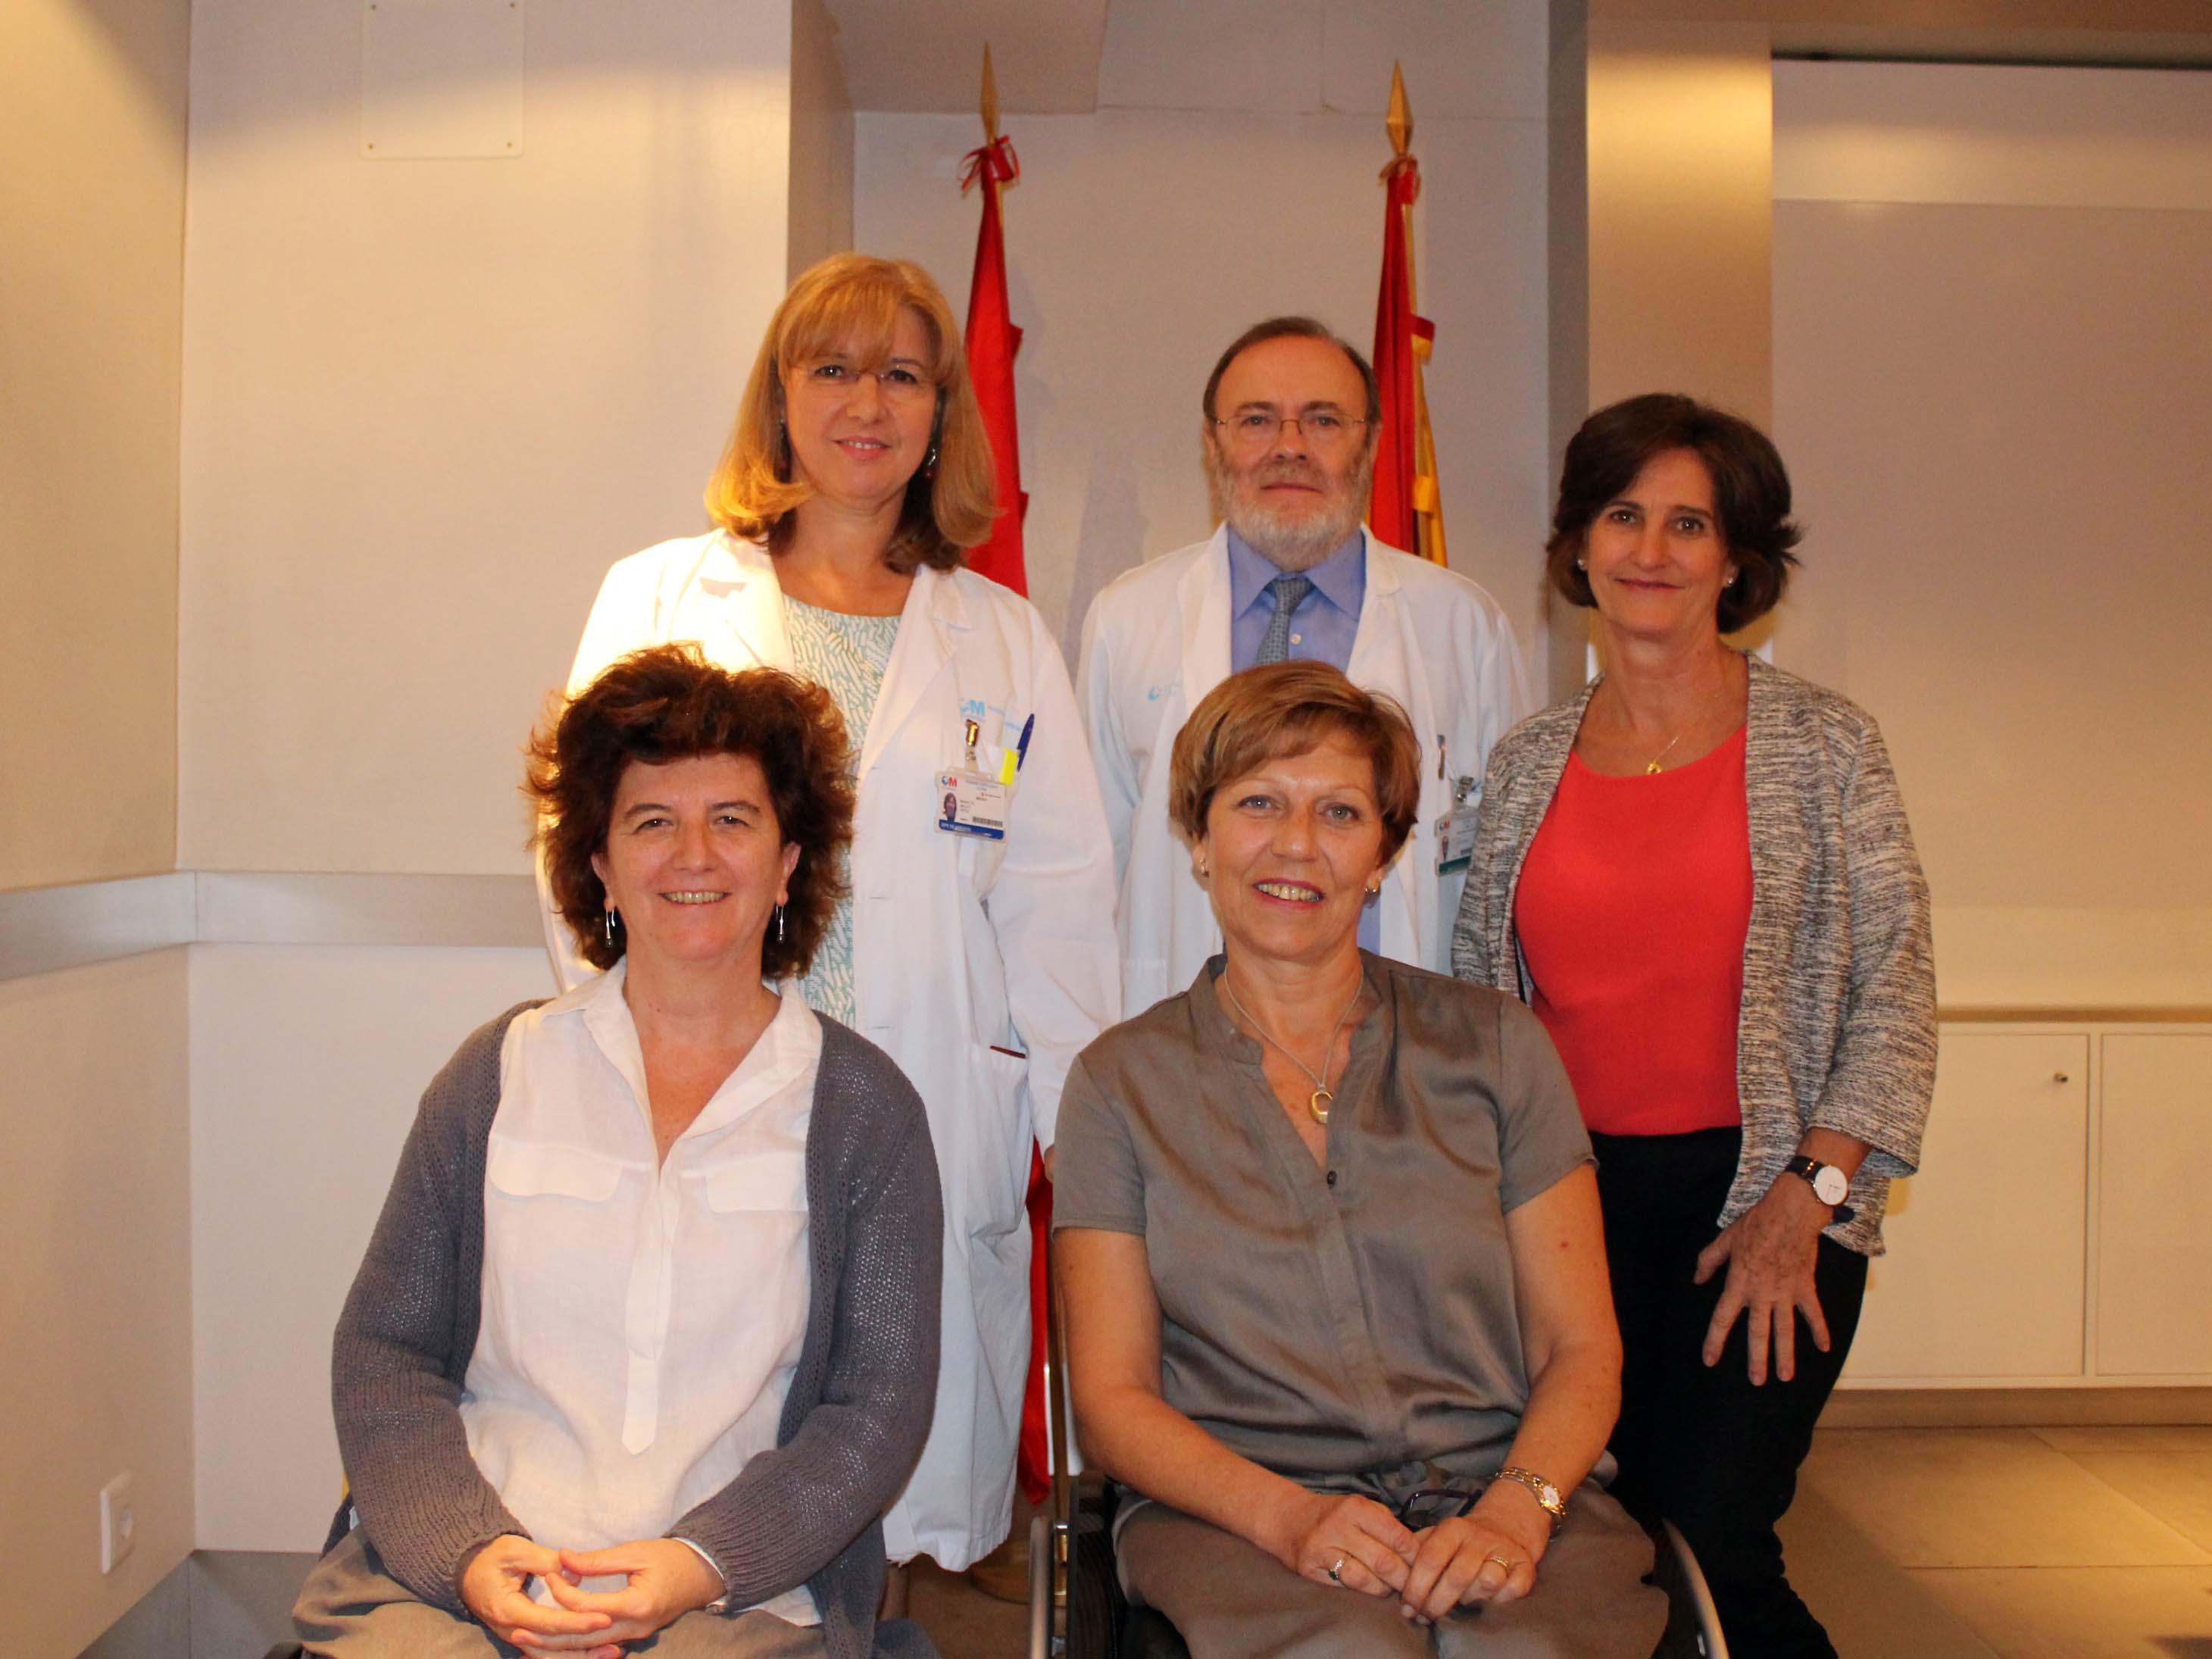 De pie: Maria Fe Bravo, Rafael Pérez-Santamarina y Blanca Amador Sentadas: Beatriz Rodriguez Vega y Carmen Bayón